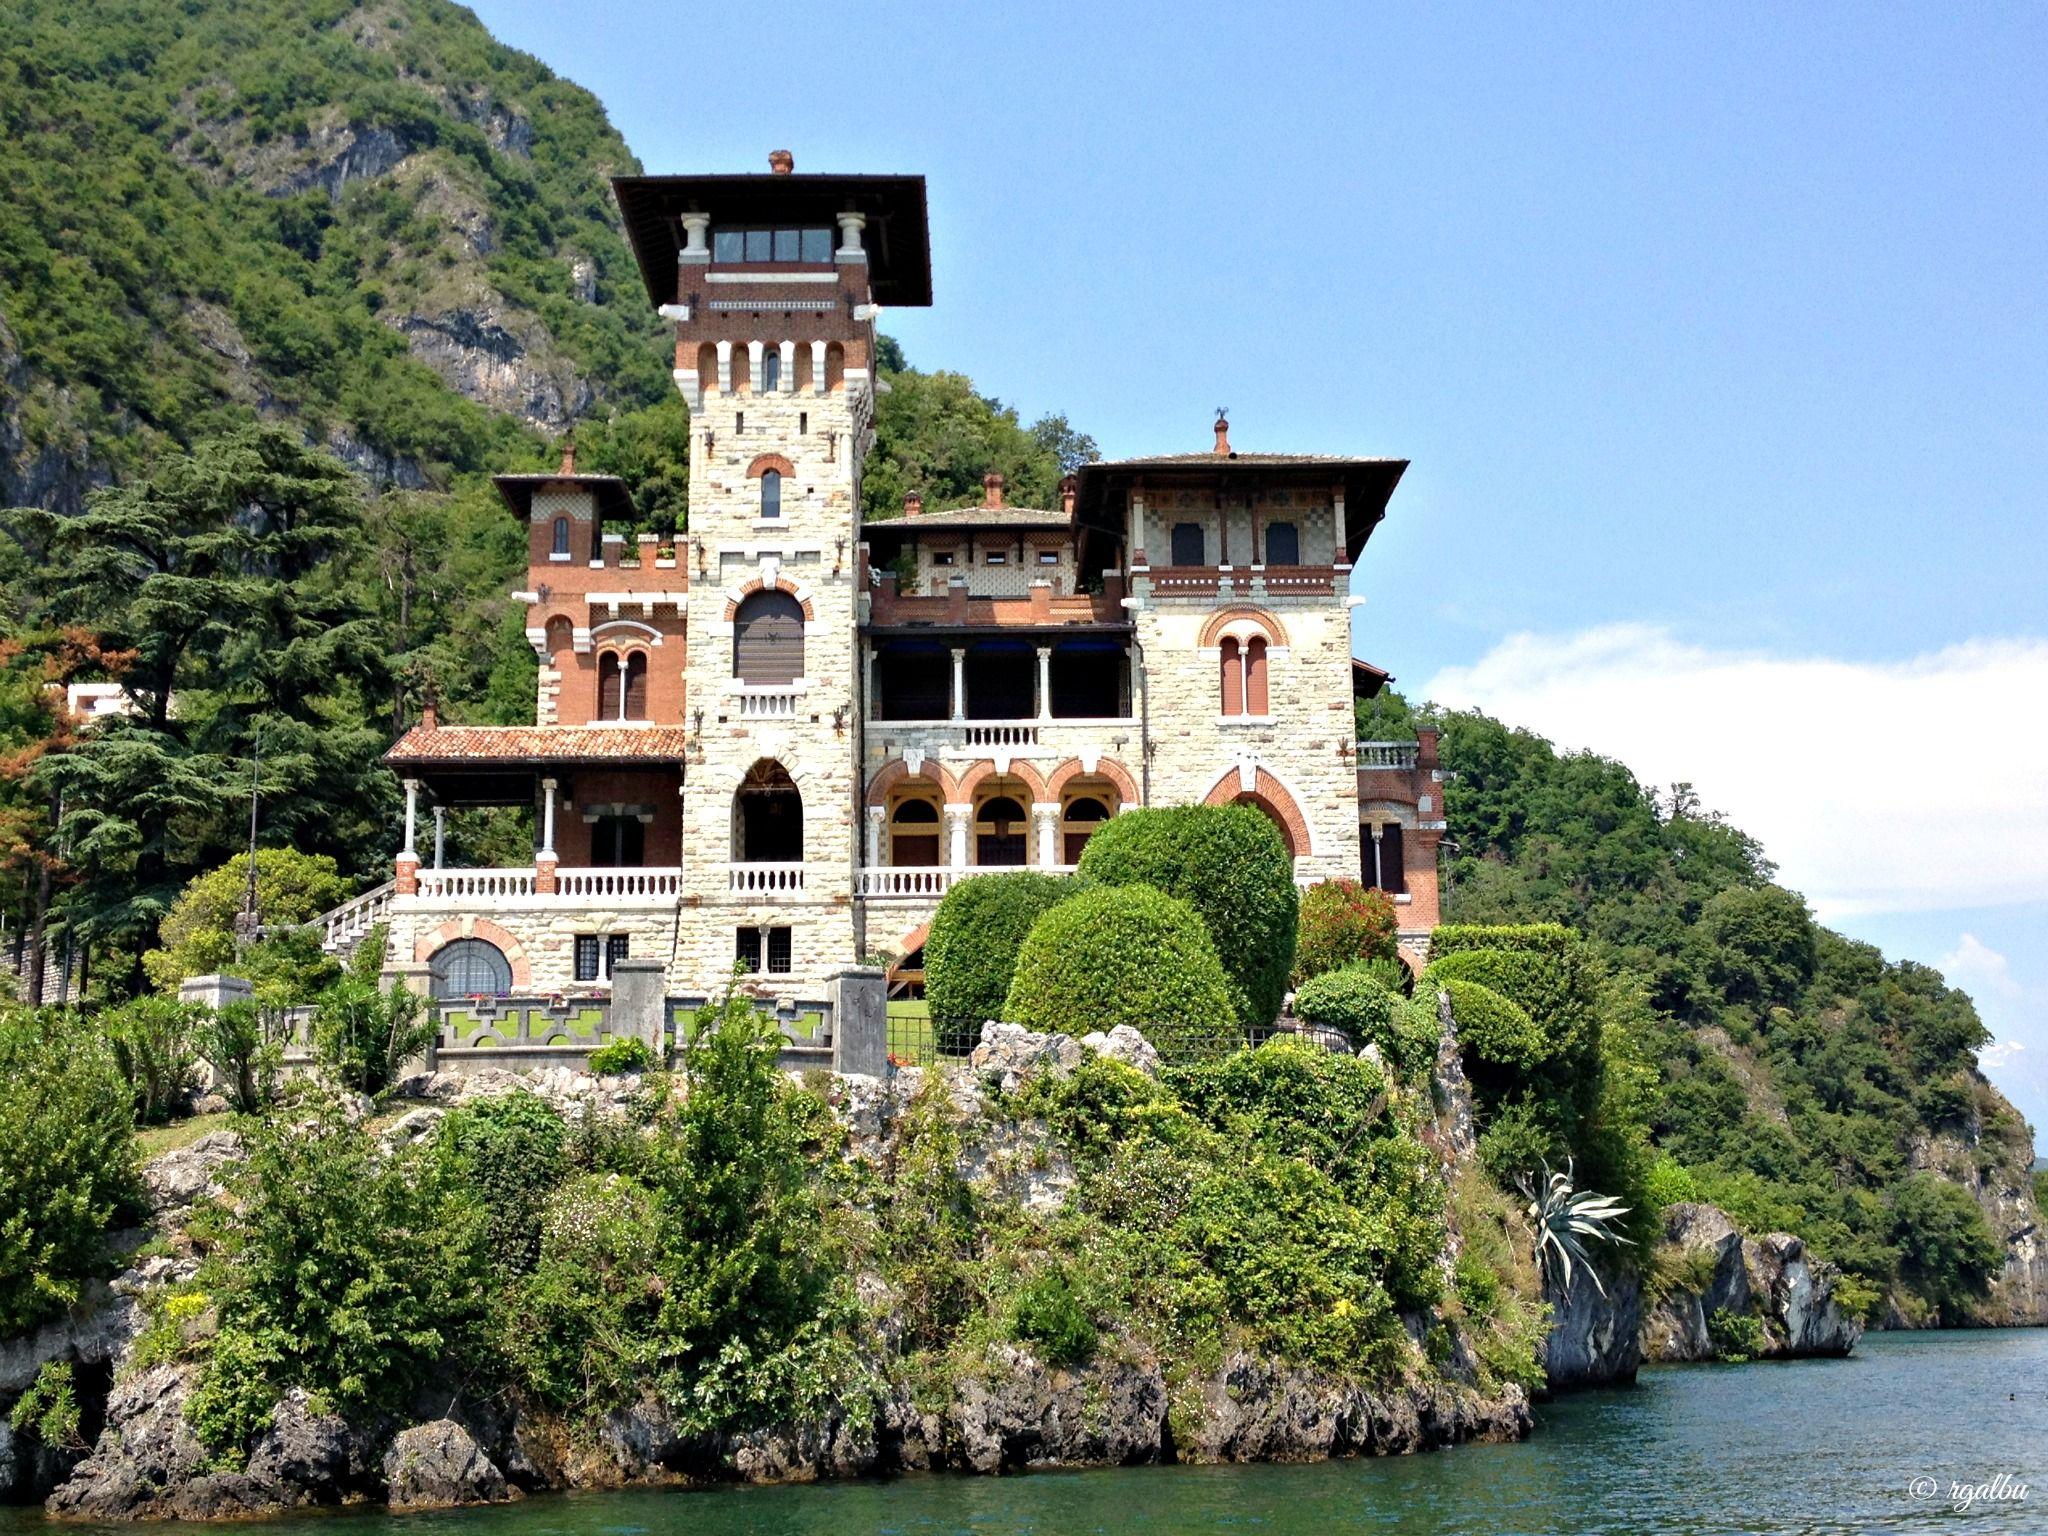 Antica Villa Gaeta villa la gaeta, san siro - lake como (with images) | lake